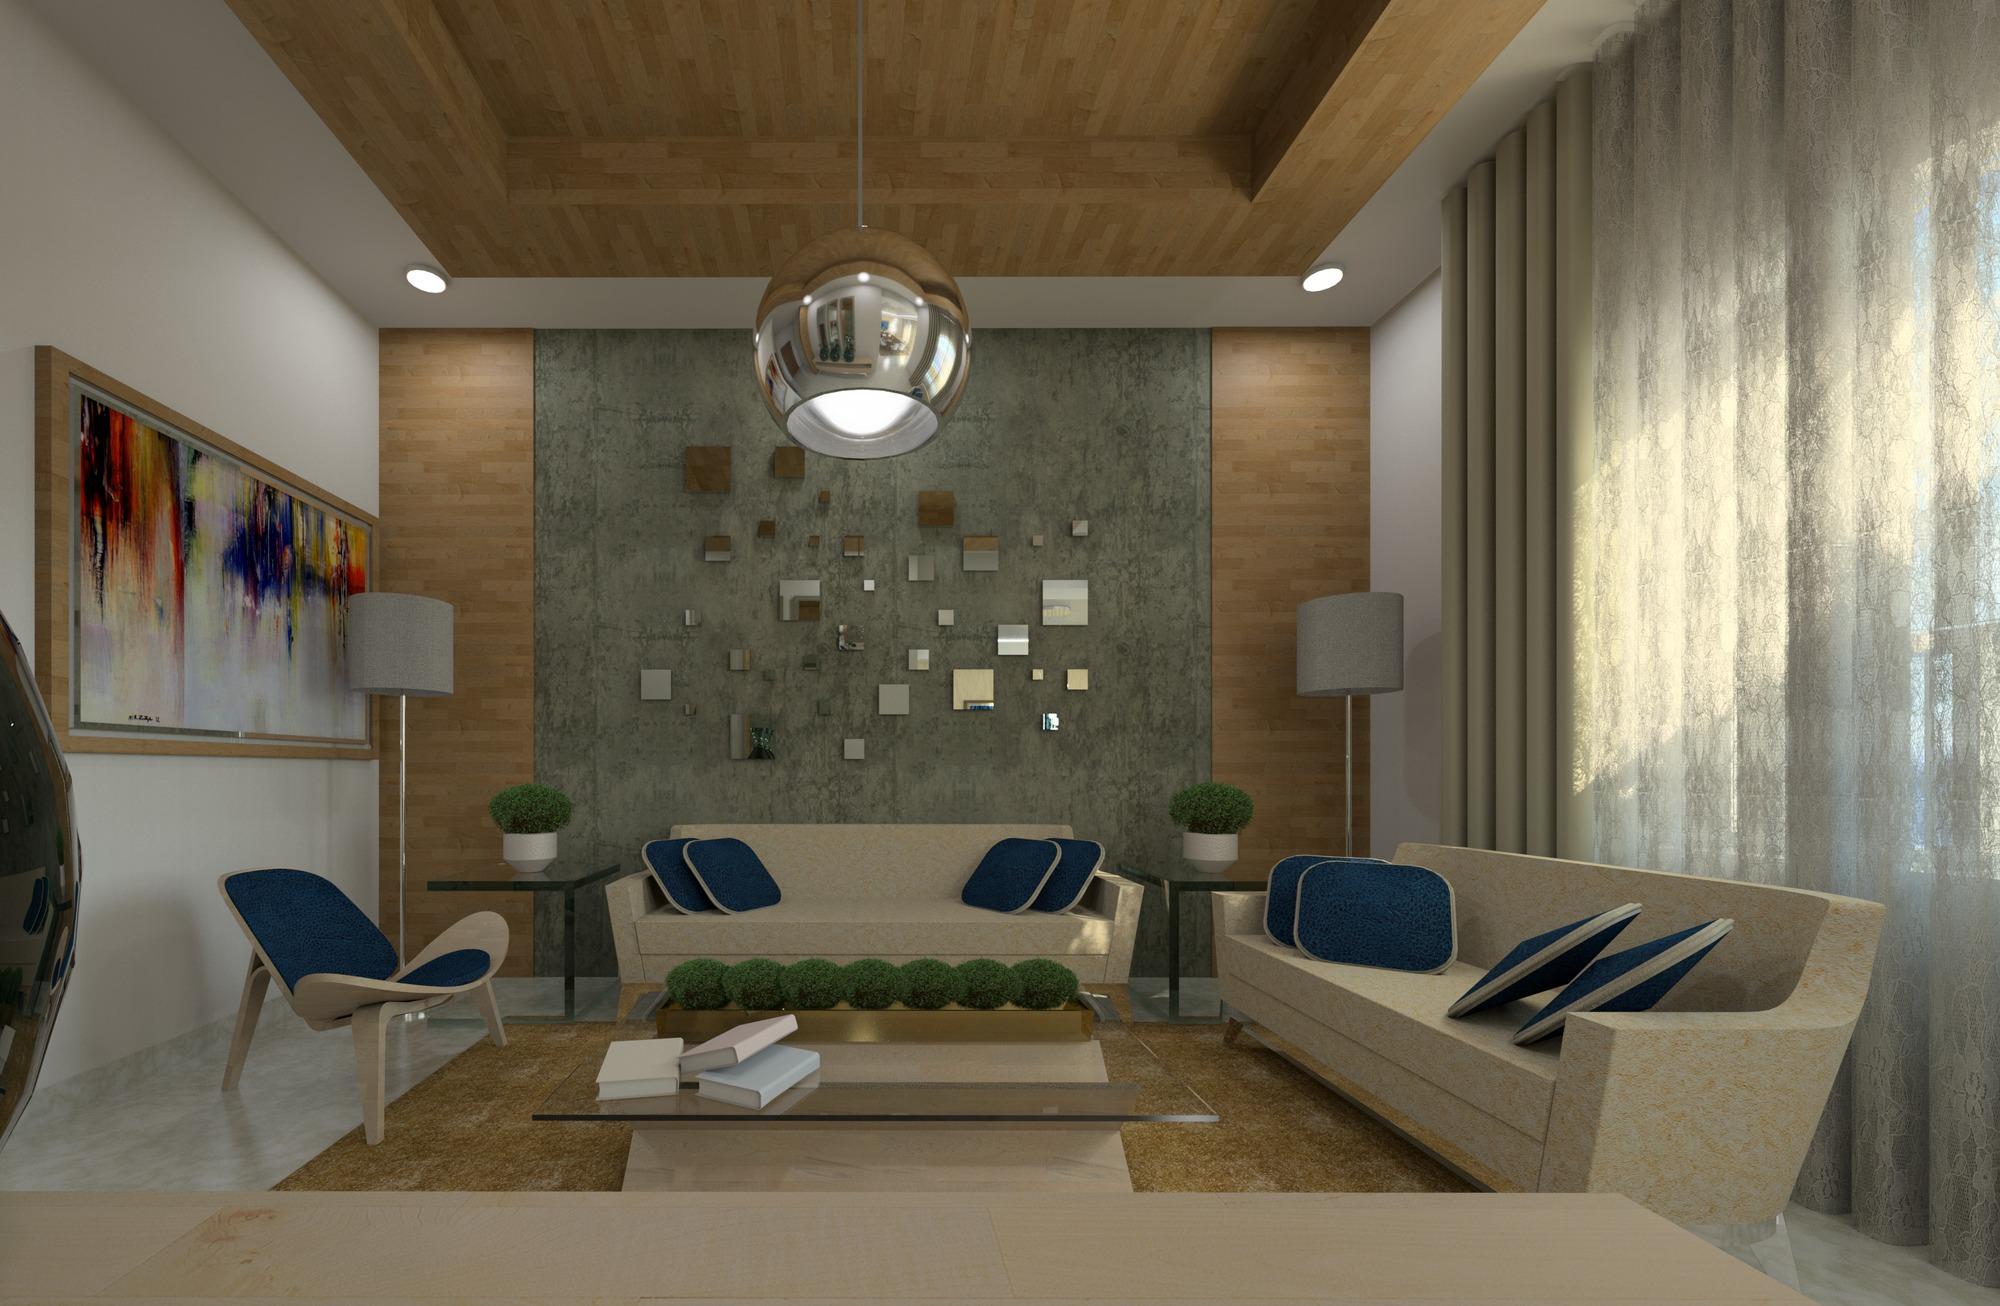 Raas-rendering20140909-1043-7h1yym